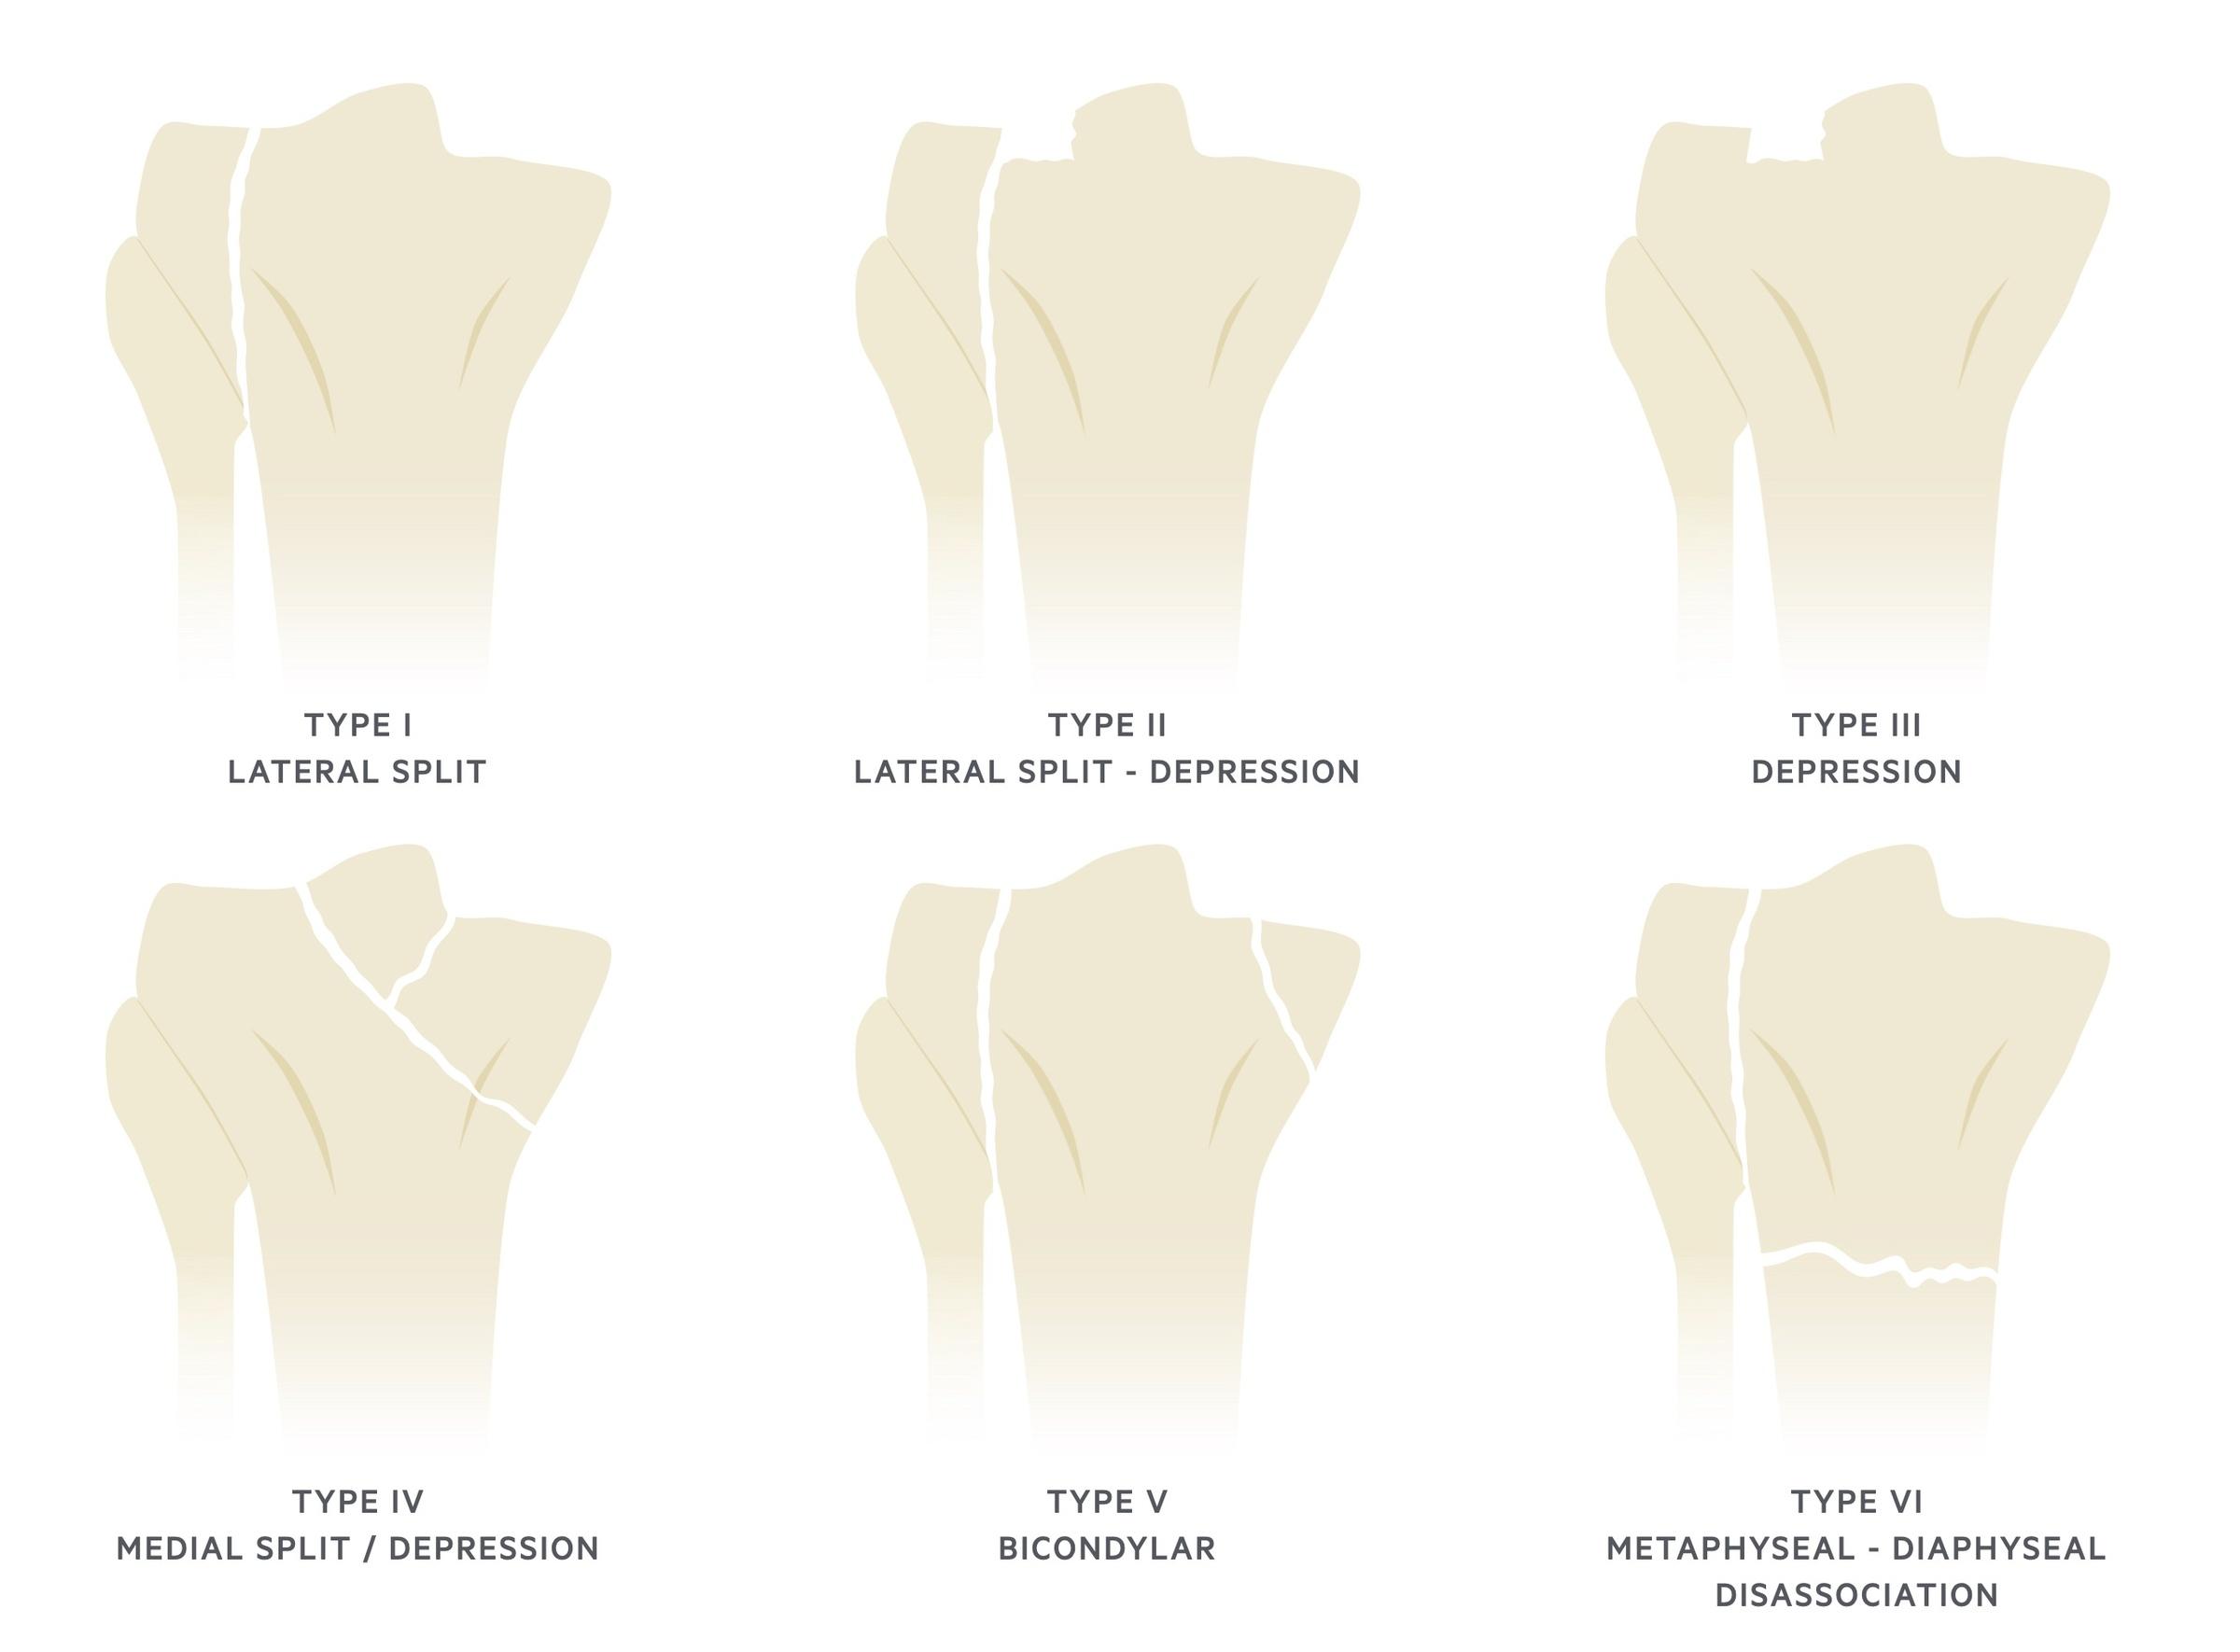 Schatzker classification